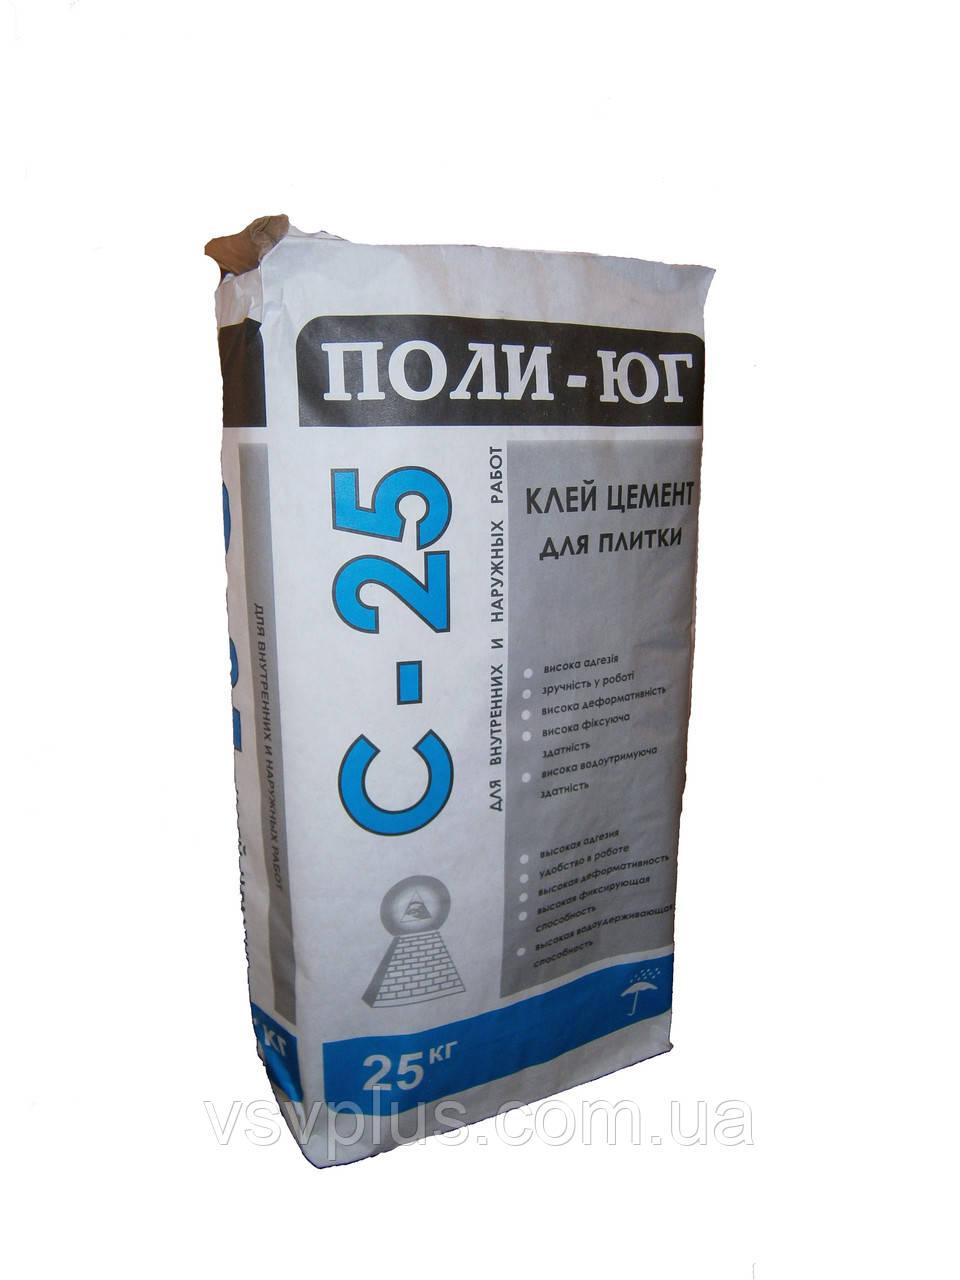 Сухой клей цемент C-25 в мешках